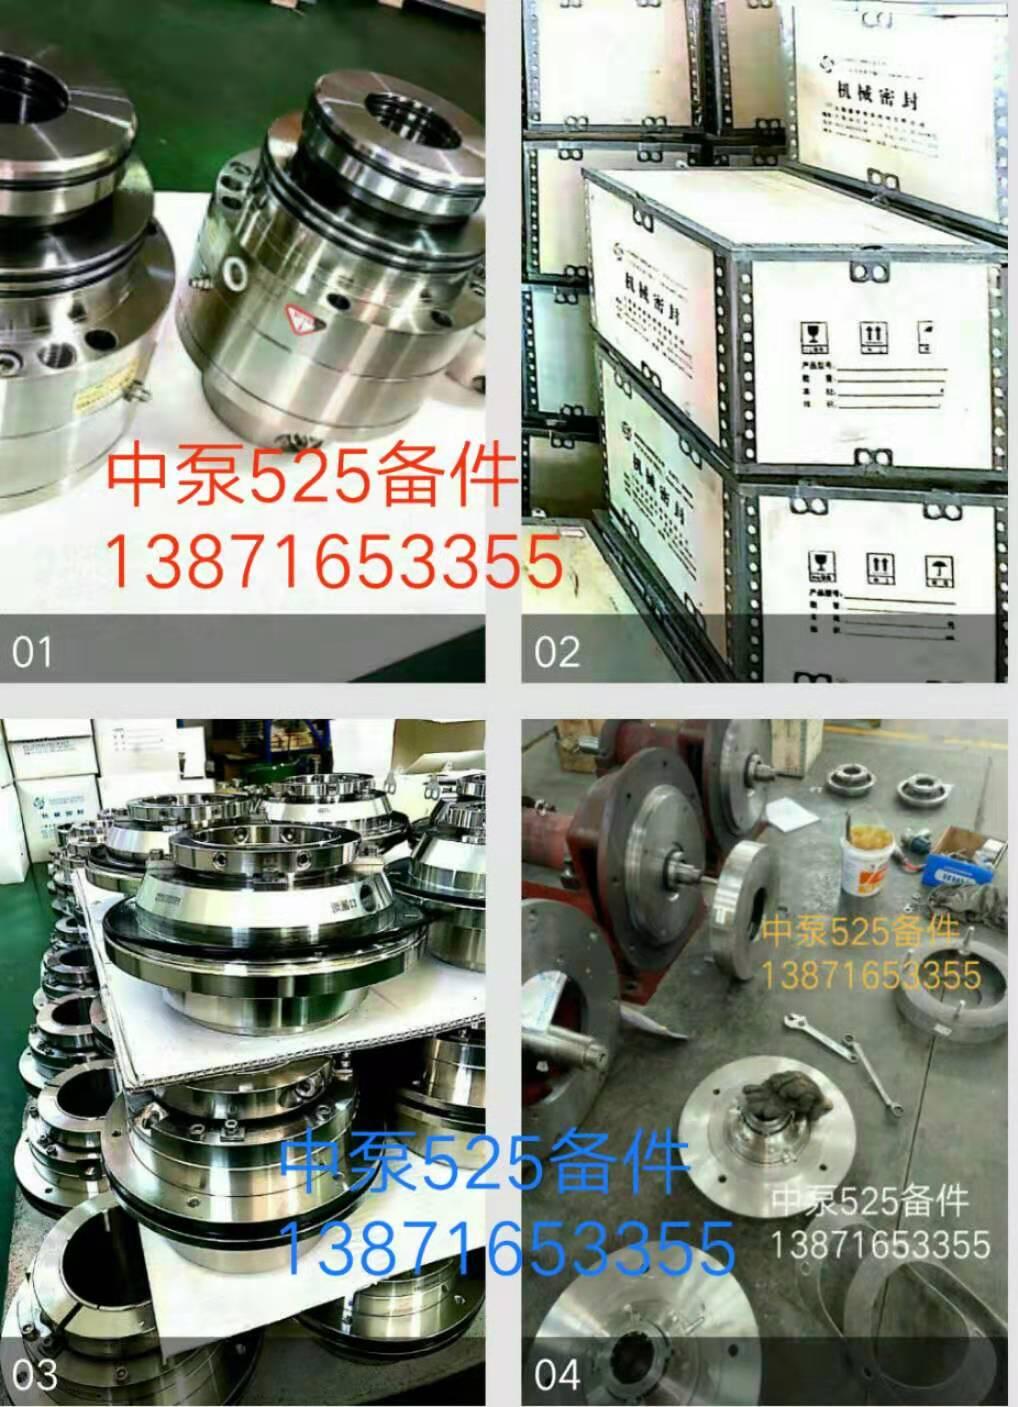 HTM-40D251-SP/SPK3 2205HTM系列机械密封价格 原装原配